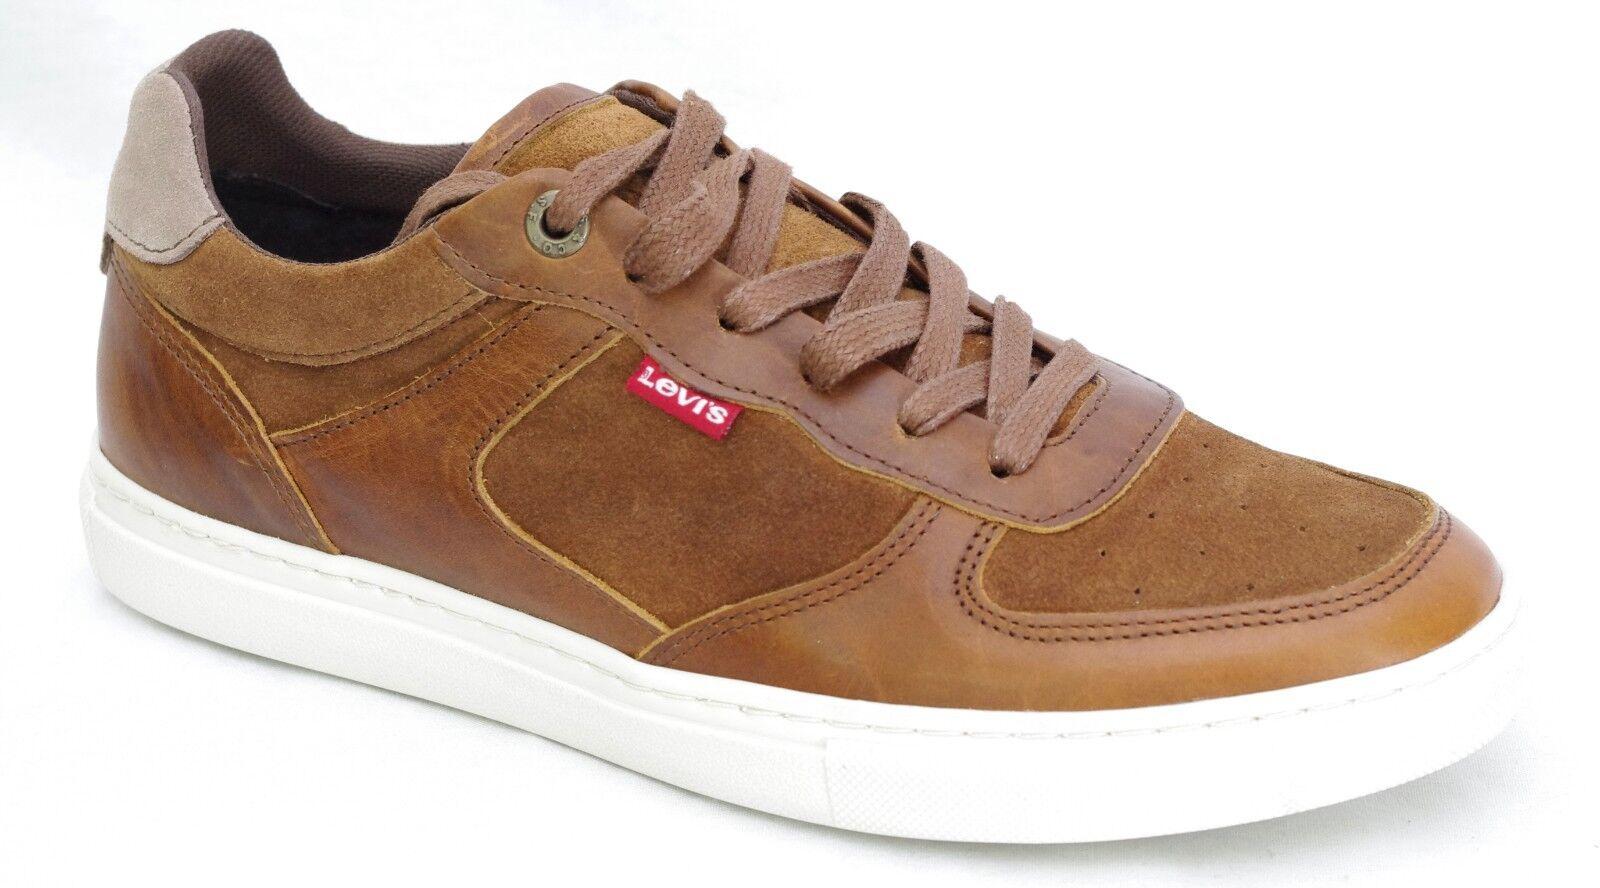 Grandes descuentos nuevos zapatos Hombre Clarks Zapatos SIN CIERRES Tilden Free